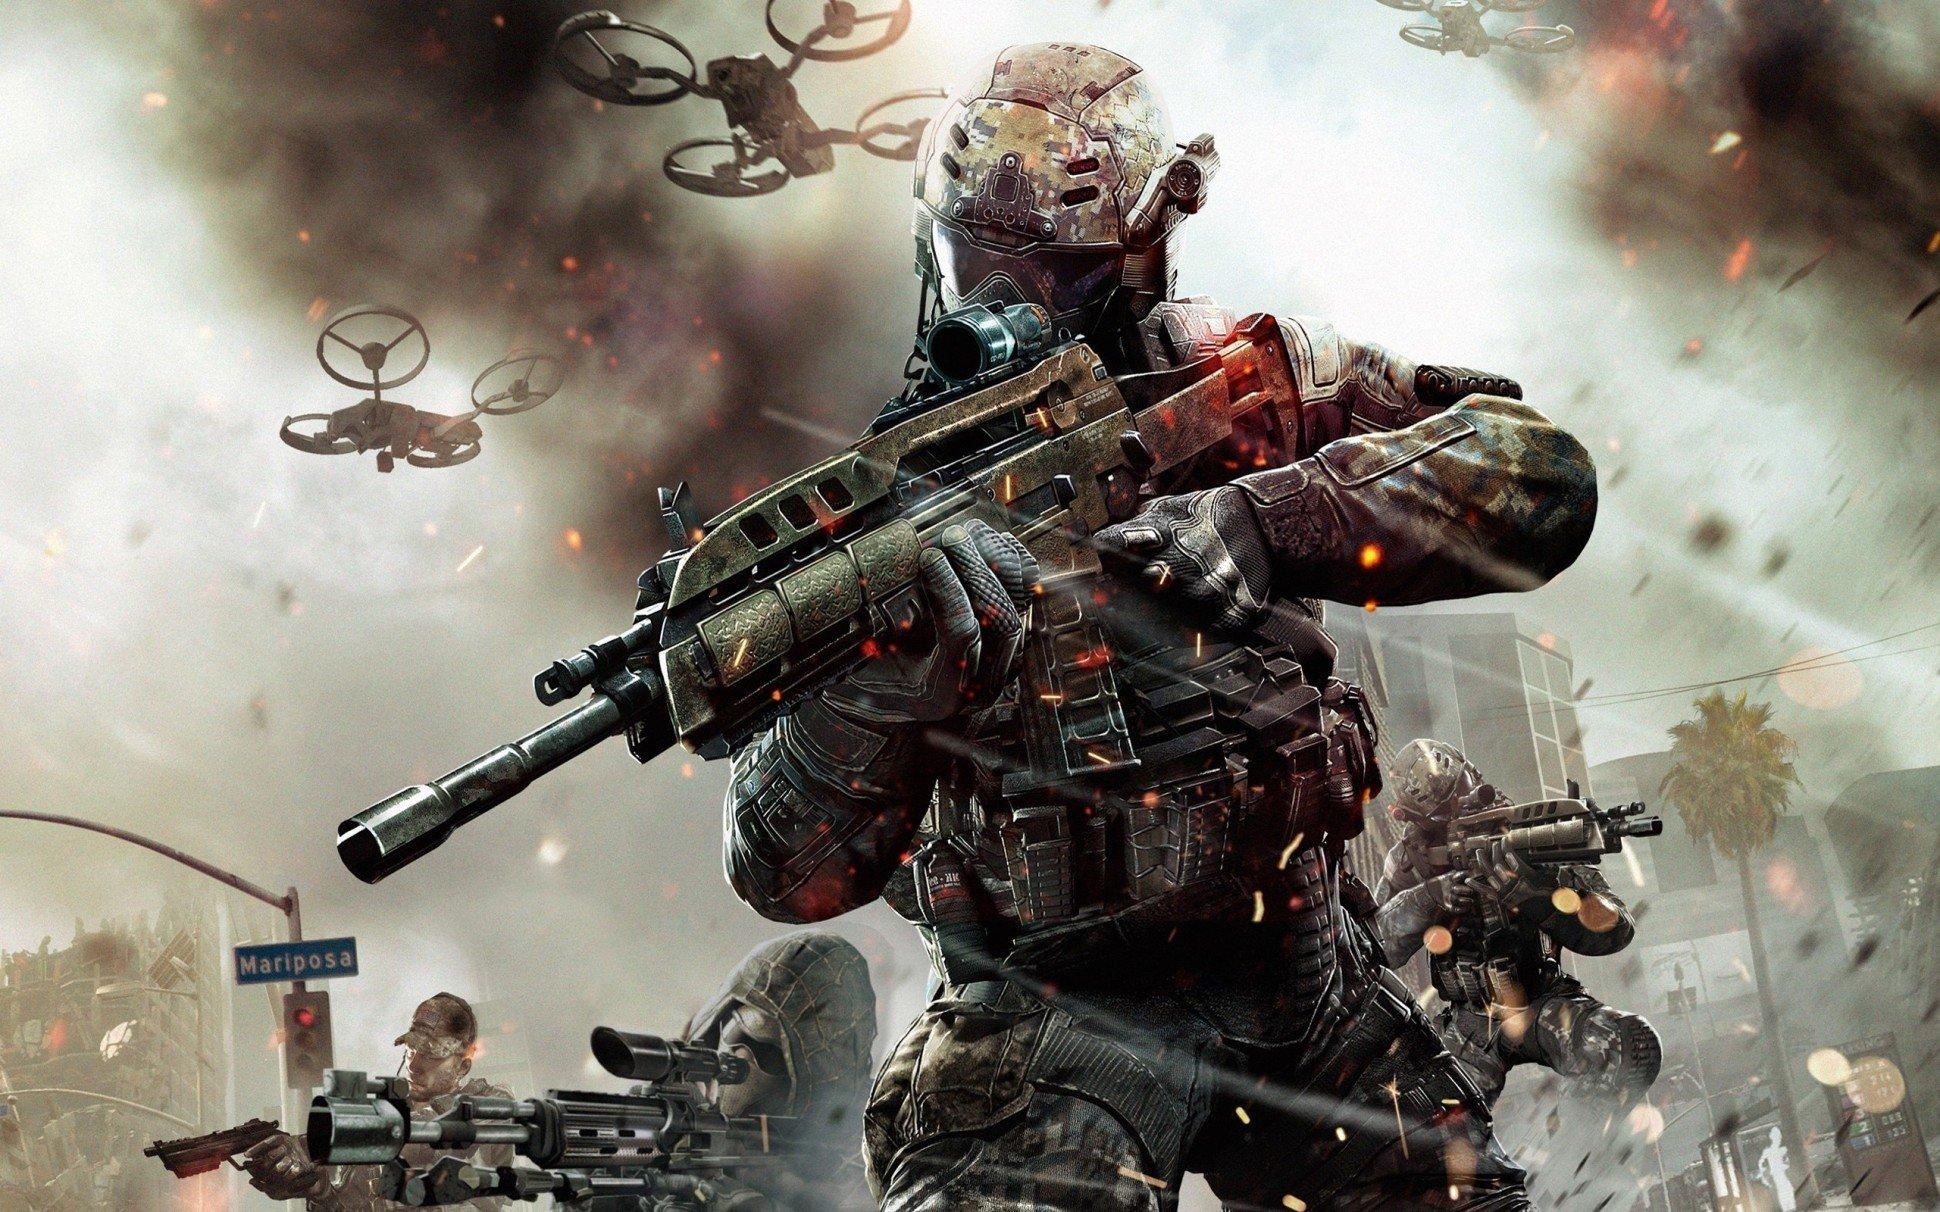 Новый патч к Call of Duty: Black Ops 3 добавил в игру микротранзакции